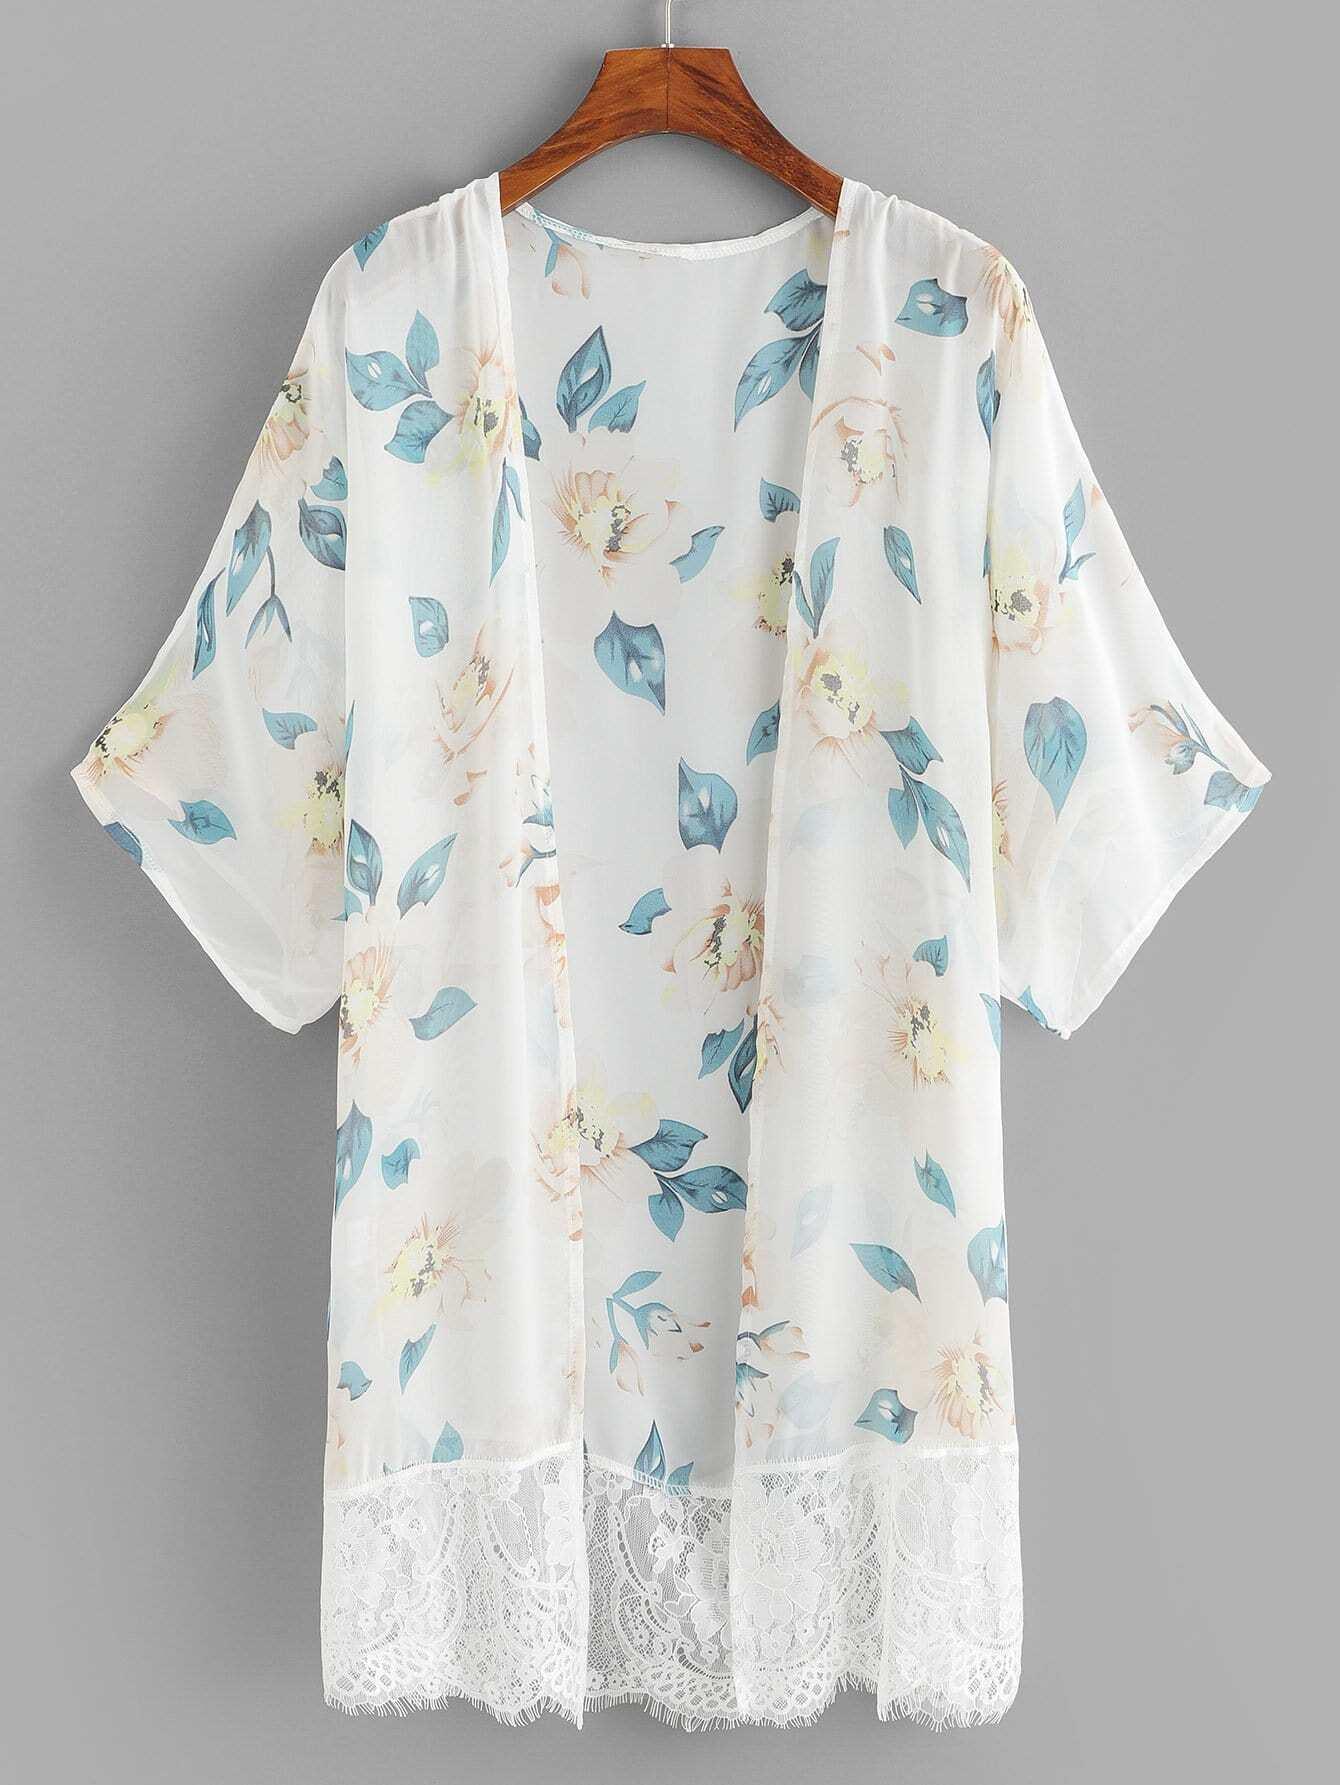 Купить Повседневный Цветочный Контрастные кружева кимоно Бежевые Кимоно, null, SheIn